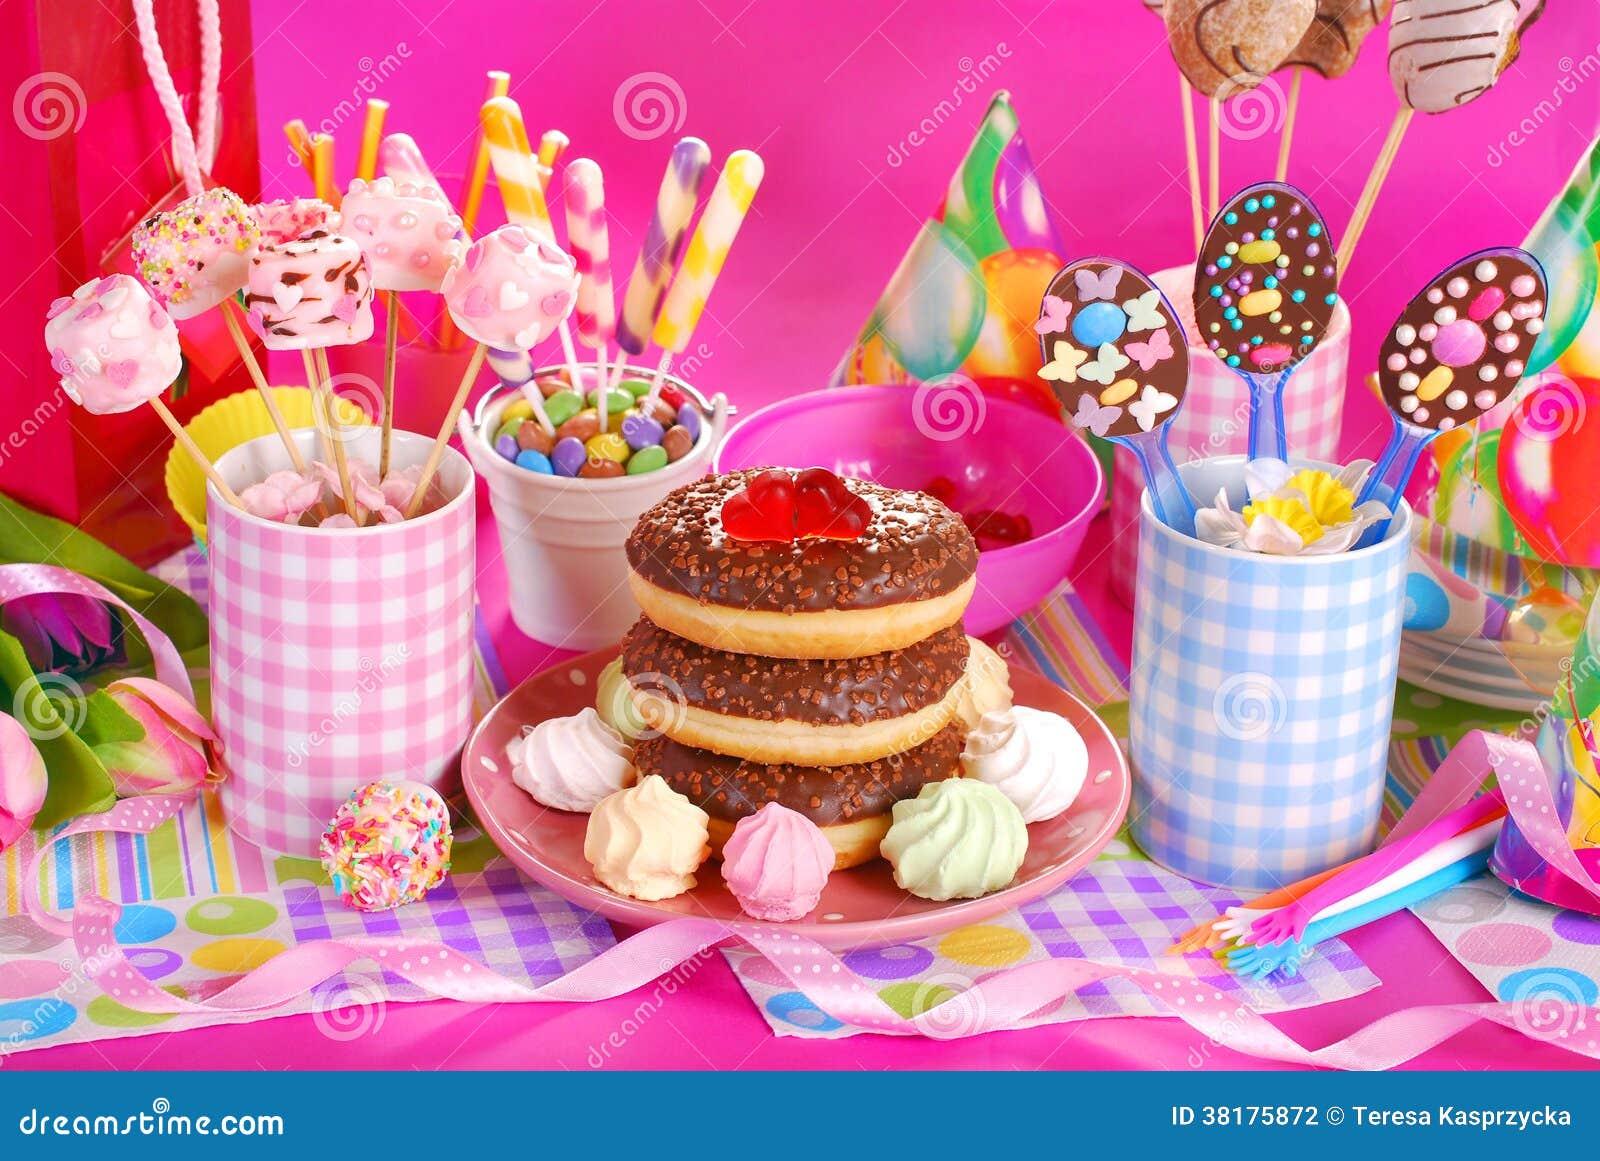 Πίνακας γιορτής γενεθλίων με τα λουλούδια και τα γλυκά για τα παιδιά